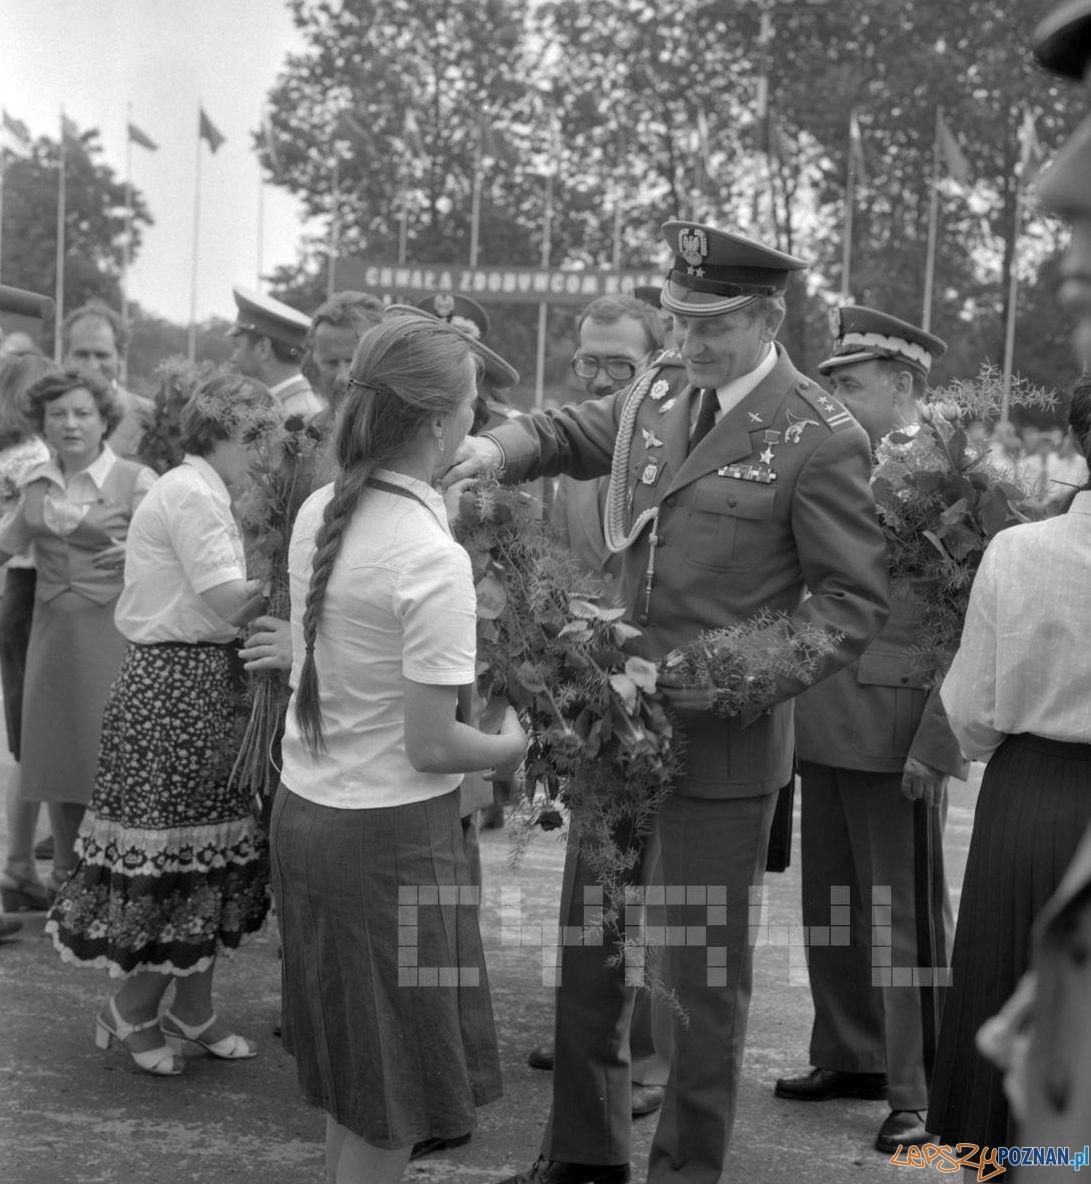 M. Hermaszewski P. Klimuk – 28.07.1978 [S.Wiktor Cyryl] (8)